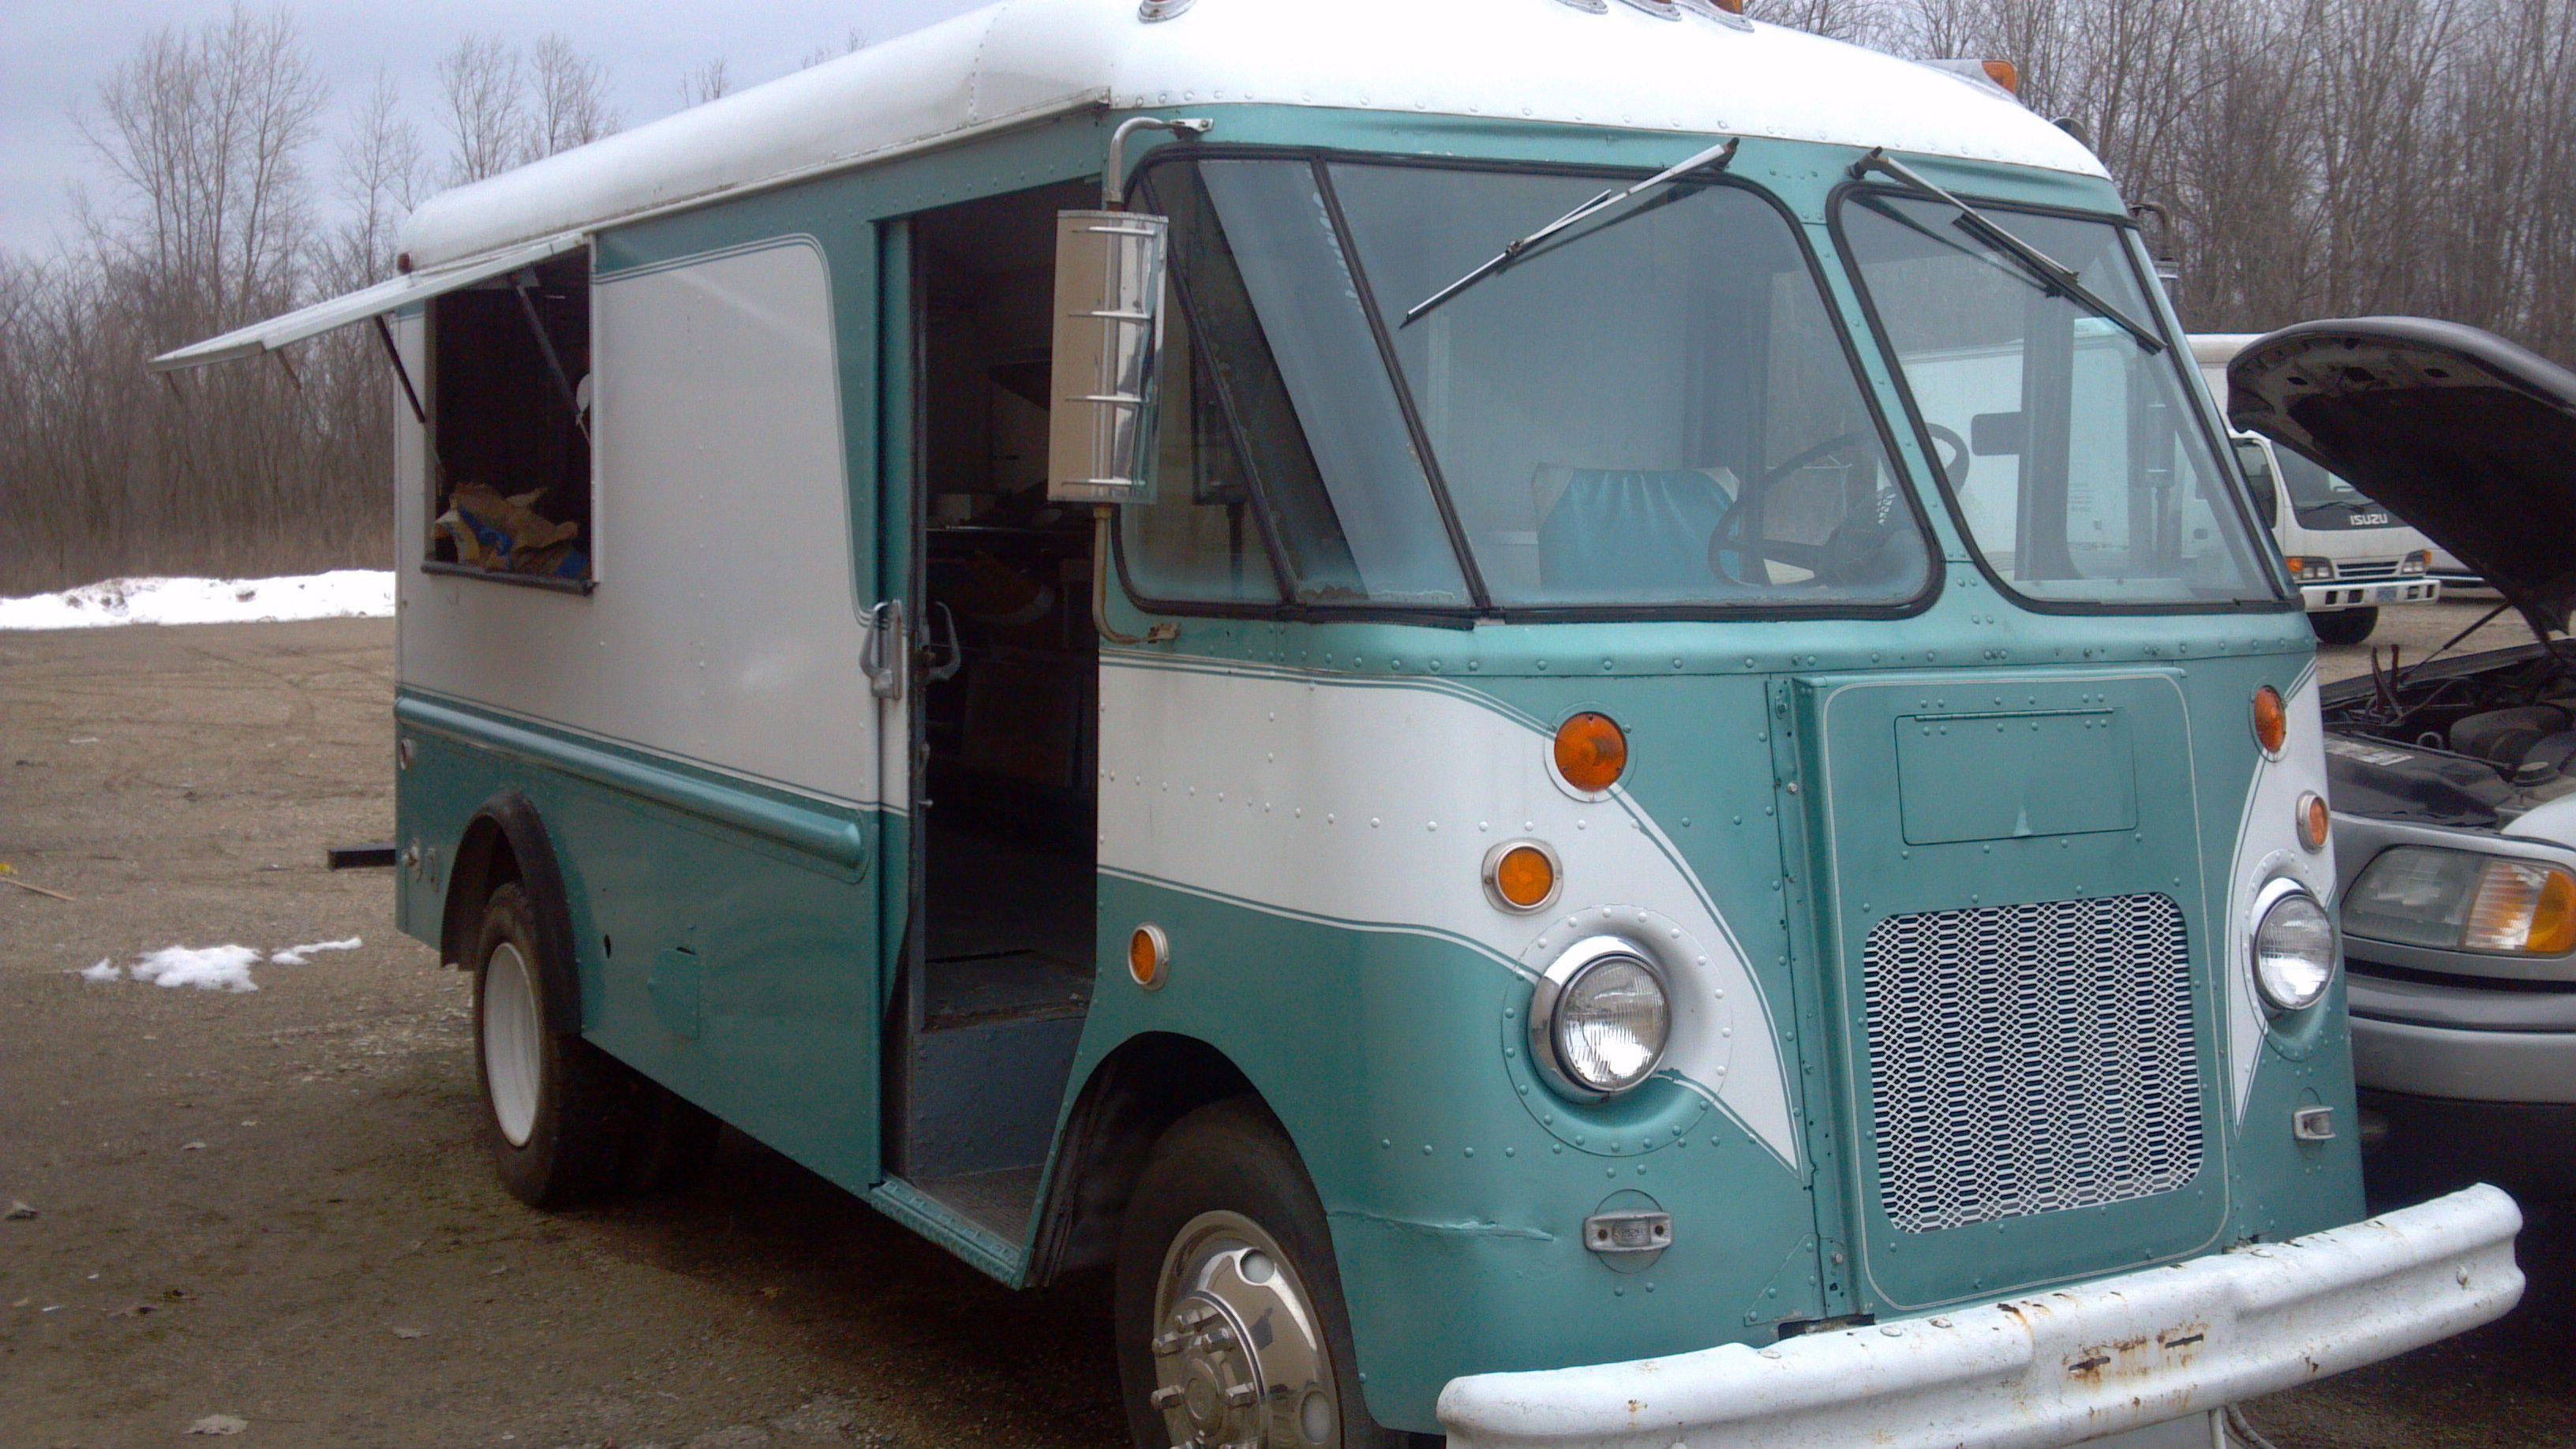 Food truck for sale   vintagestepvans.com   Pinterest